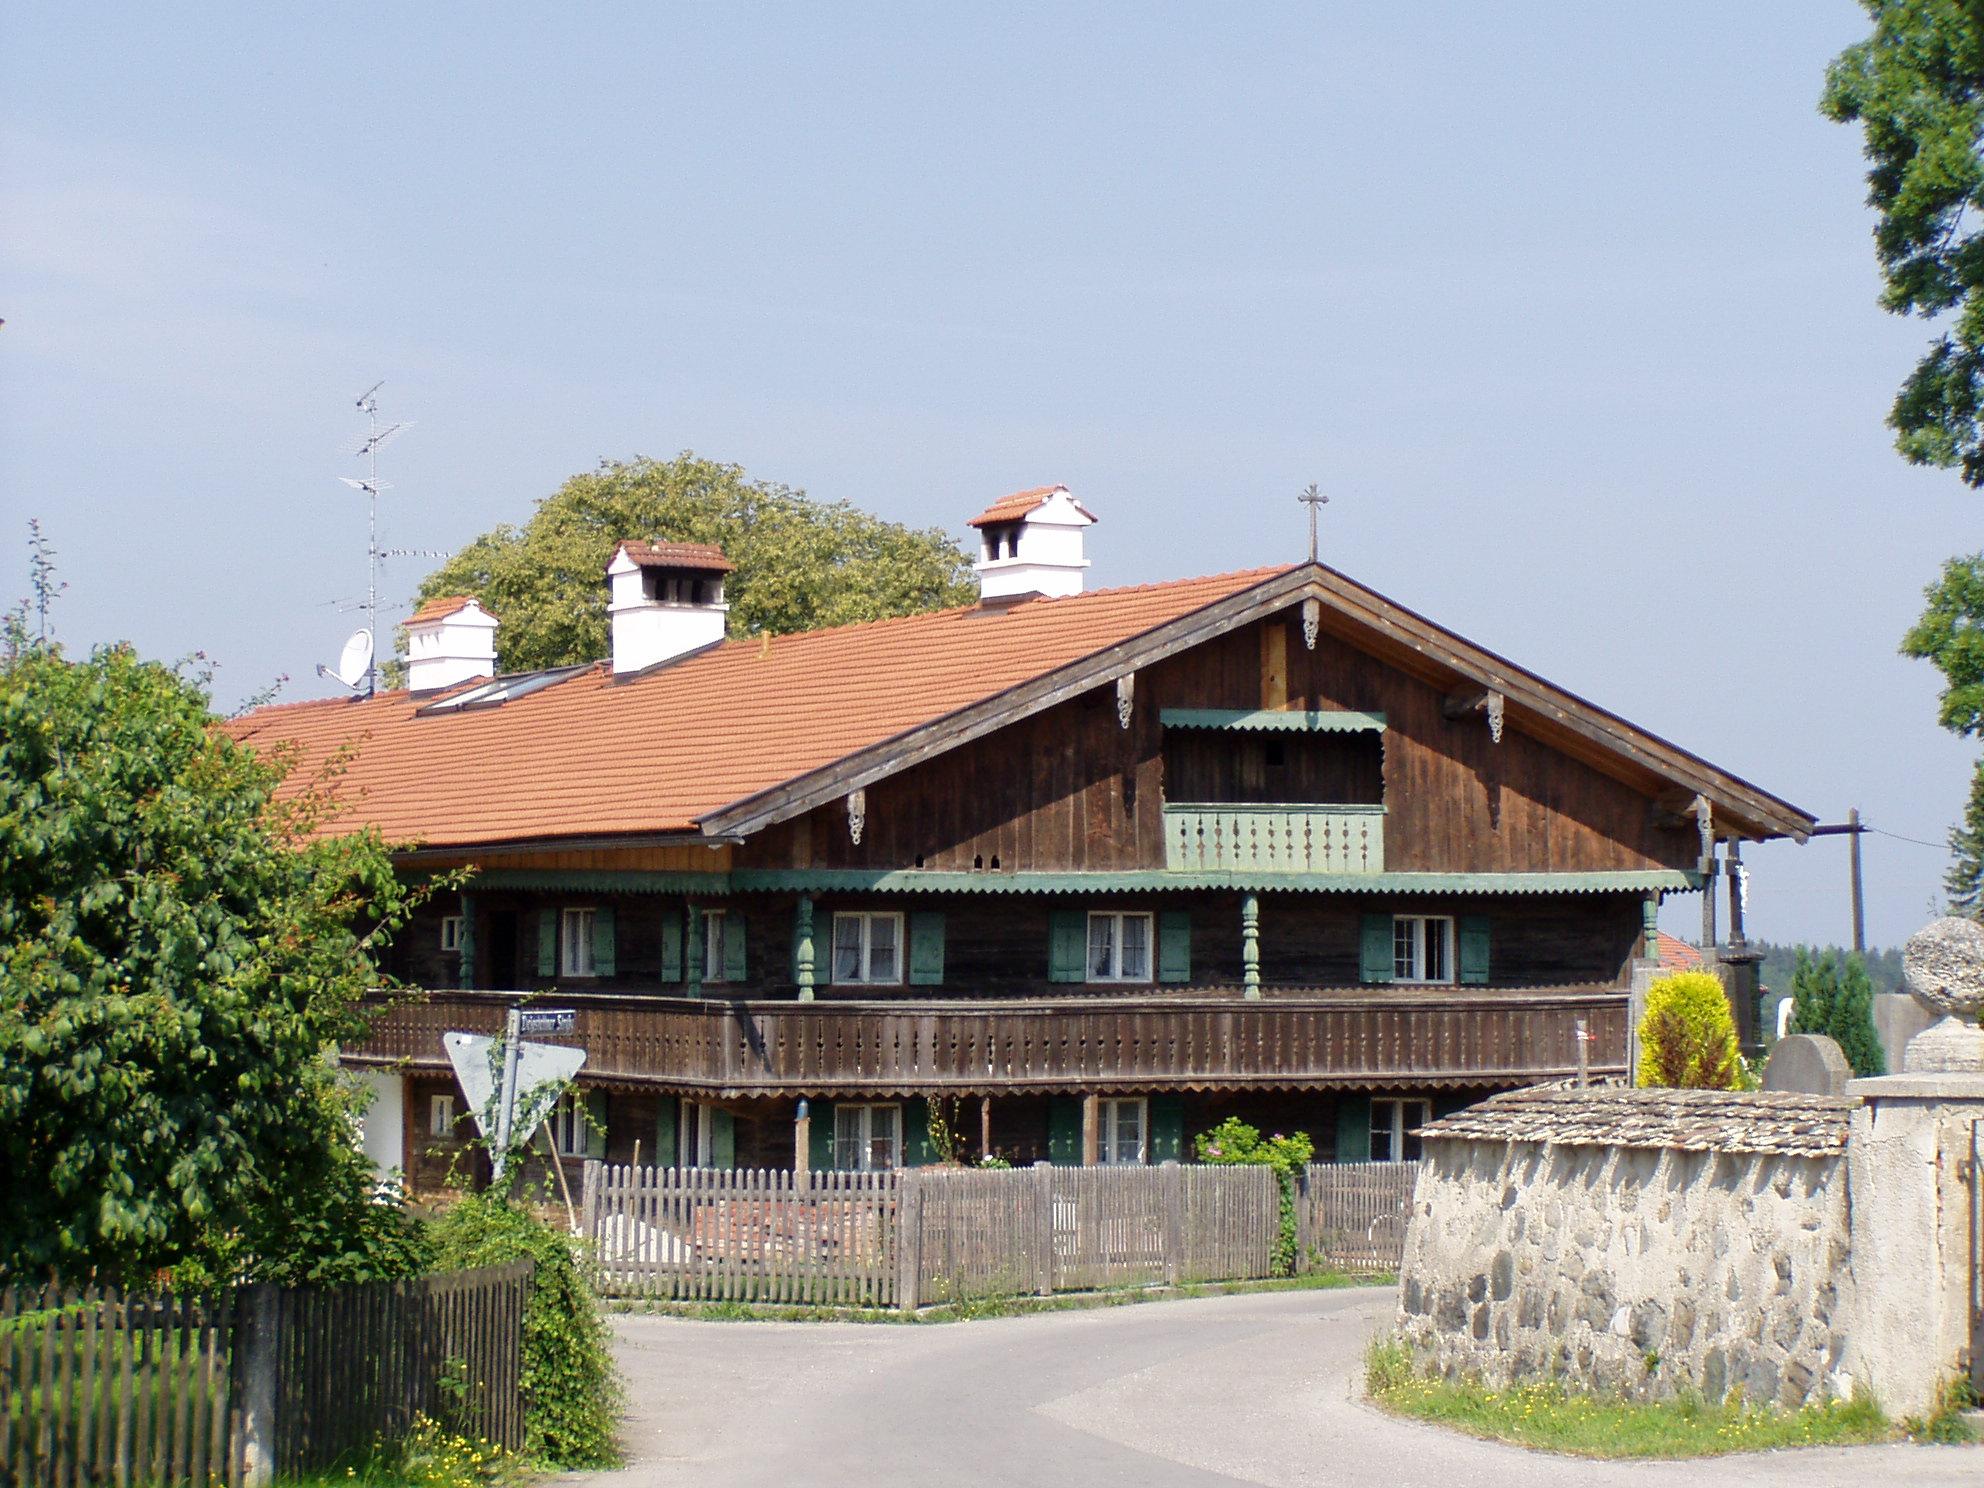 Bild von München (Landkreis): Straßlach-Dingharting - Großdingharting - Bauernhaus